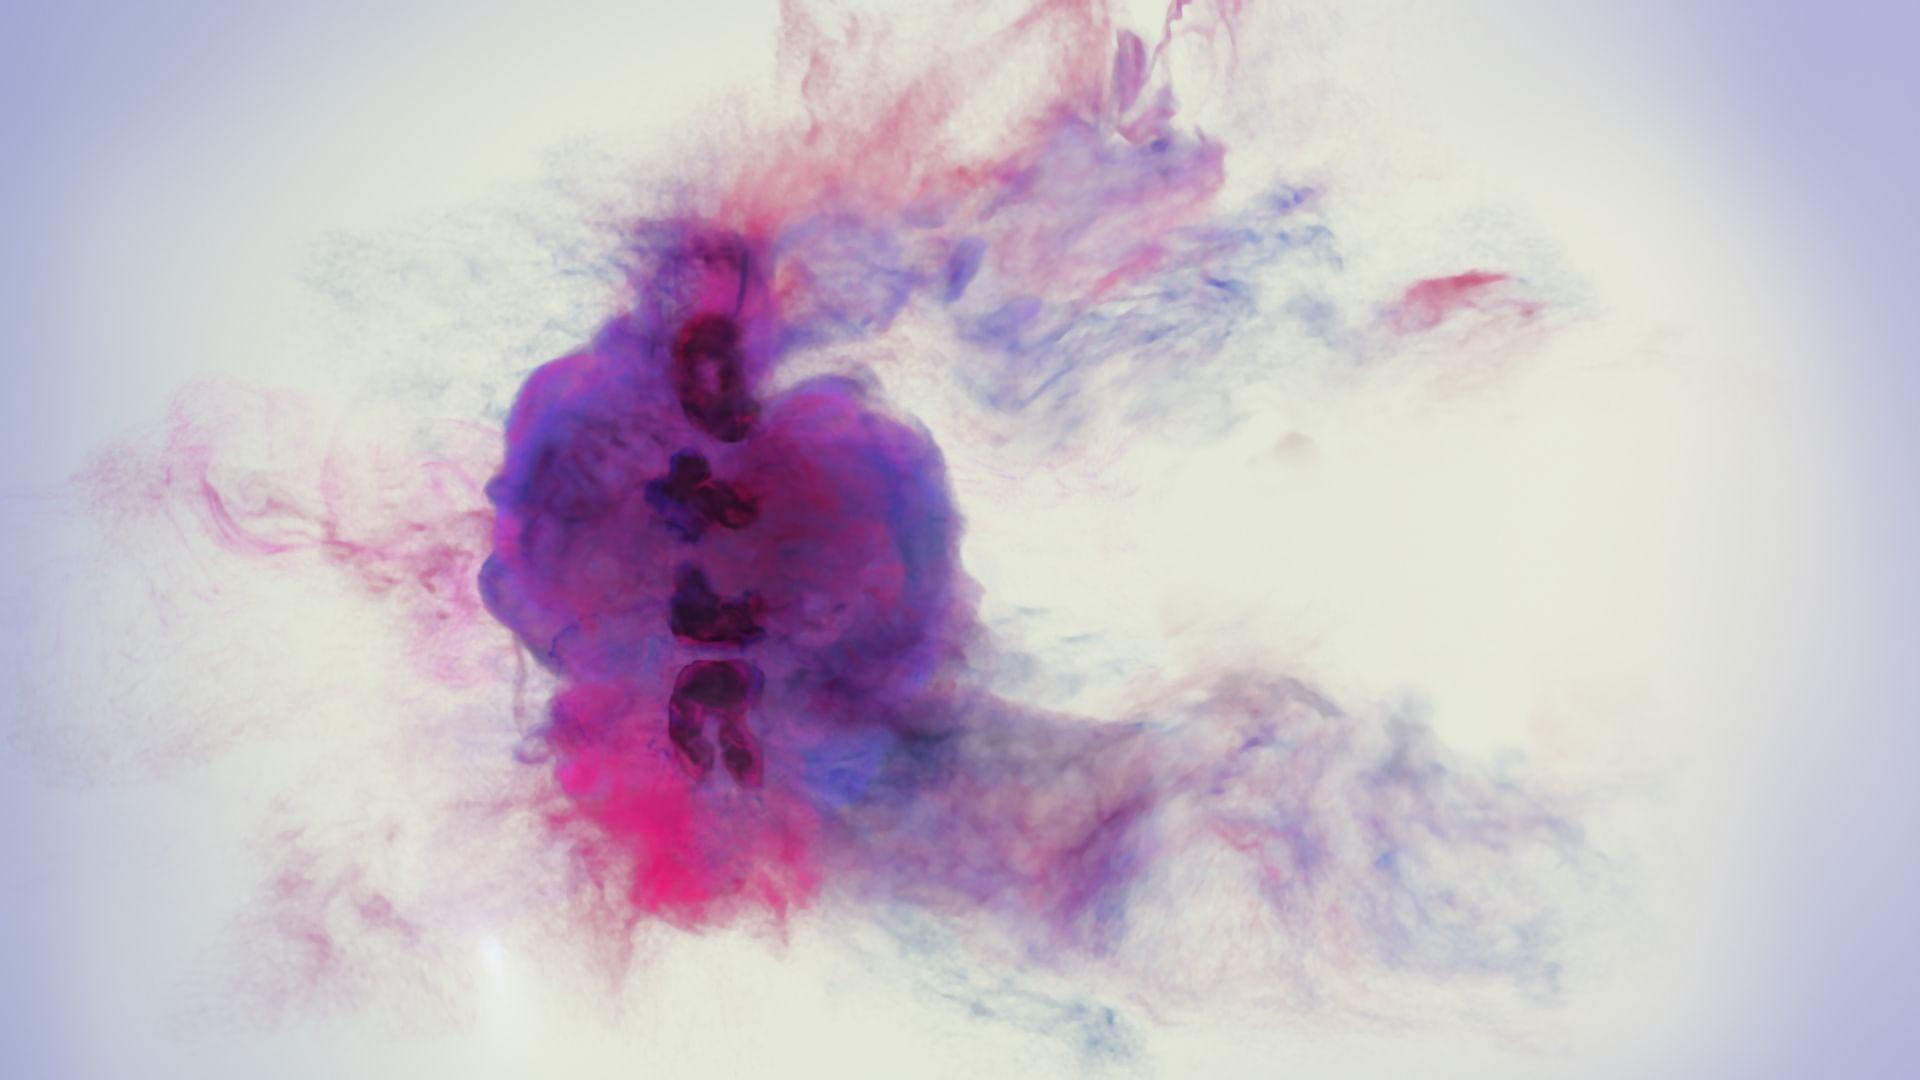 """Chaque été, ARTE Concert propose une programmation ambitieuse depuis les plus grands festivals européens à suivre en live sur tous les vecteurs. Des spectacles tous genres confondus sont à votre portée où que vous soyez jusqu'en septembre et même plus grâce au replay ! Du classique avec les Festivals d'Aix-en-Provence, Salzbourg, Munich et Lucerne à la danse avec Israel Galván au Festival d'Avignon.Dupop-rock avec notamment les Eurockéennes et le NOS Primavera Sound au metal avec le Hellfest.Du jazz """"à la Villette"""" ou à Marseille à l'electro avecle Deichbranden Allemagne.ARTE Concert reflète le dynamisme et la richesse de la scène estivale européenne !"""